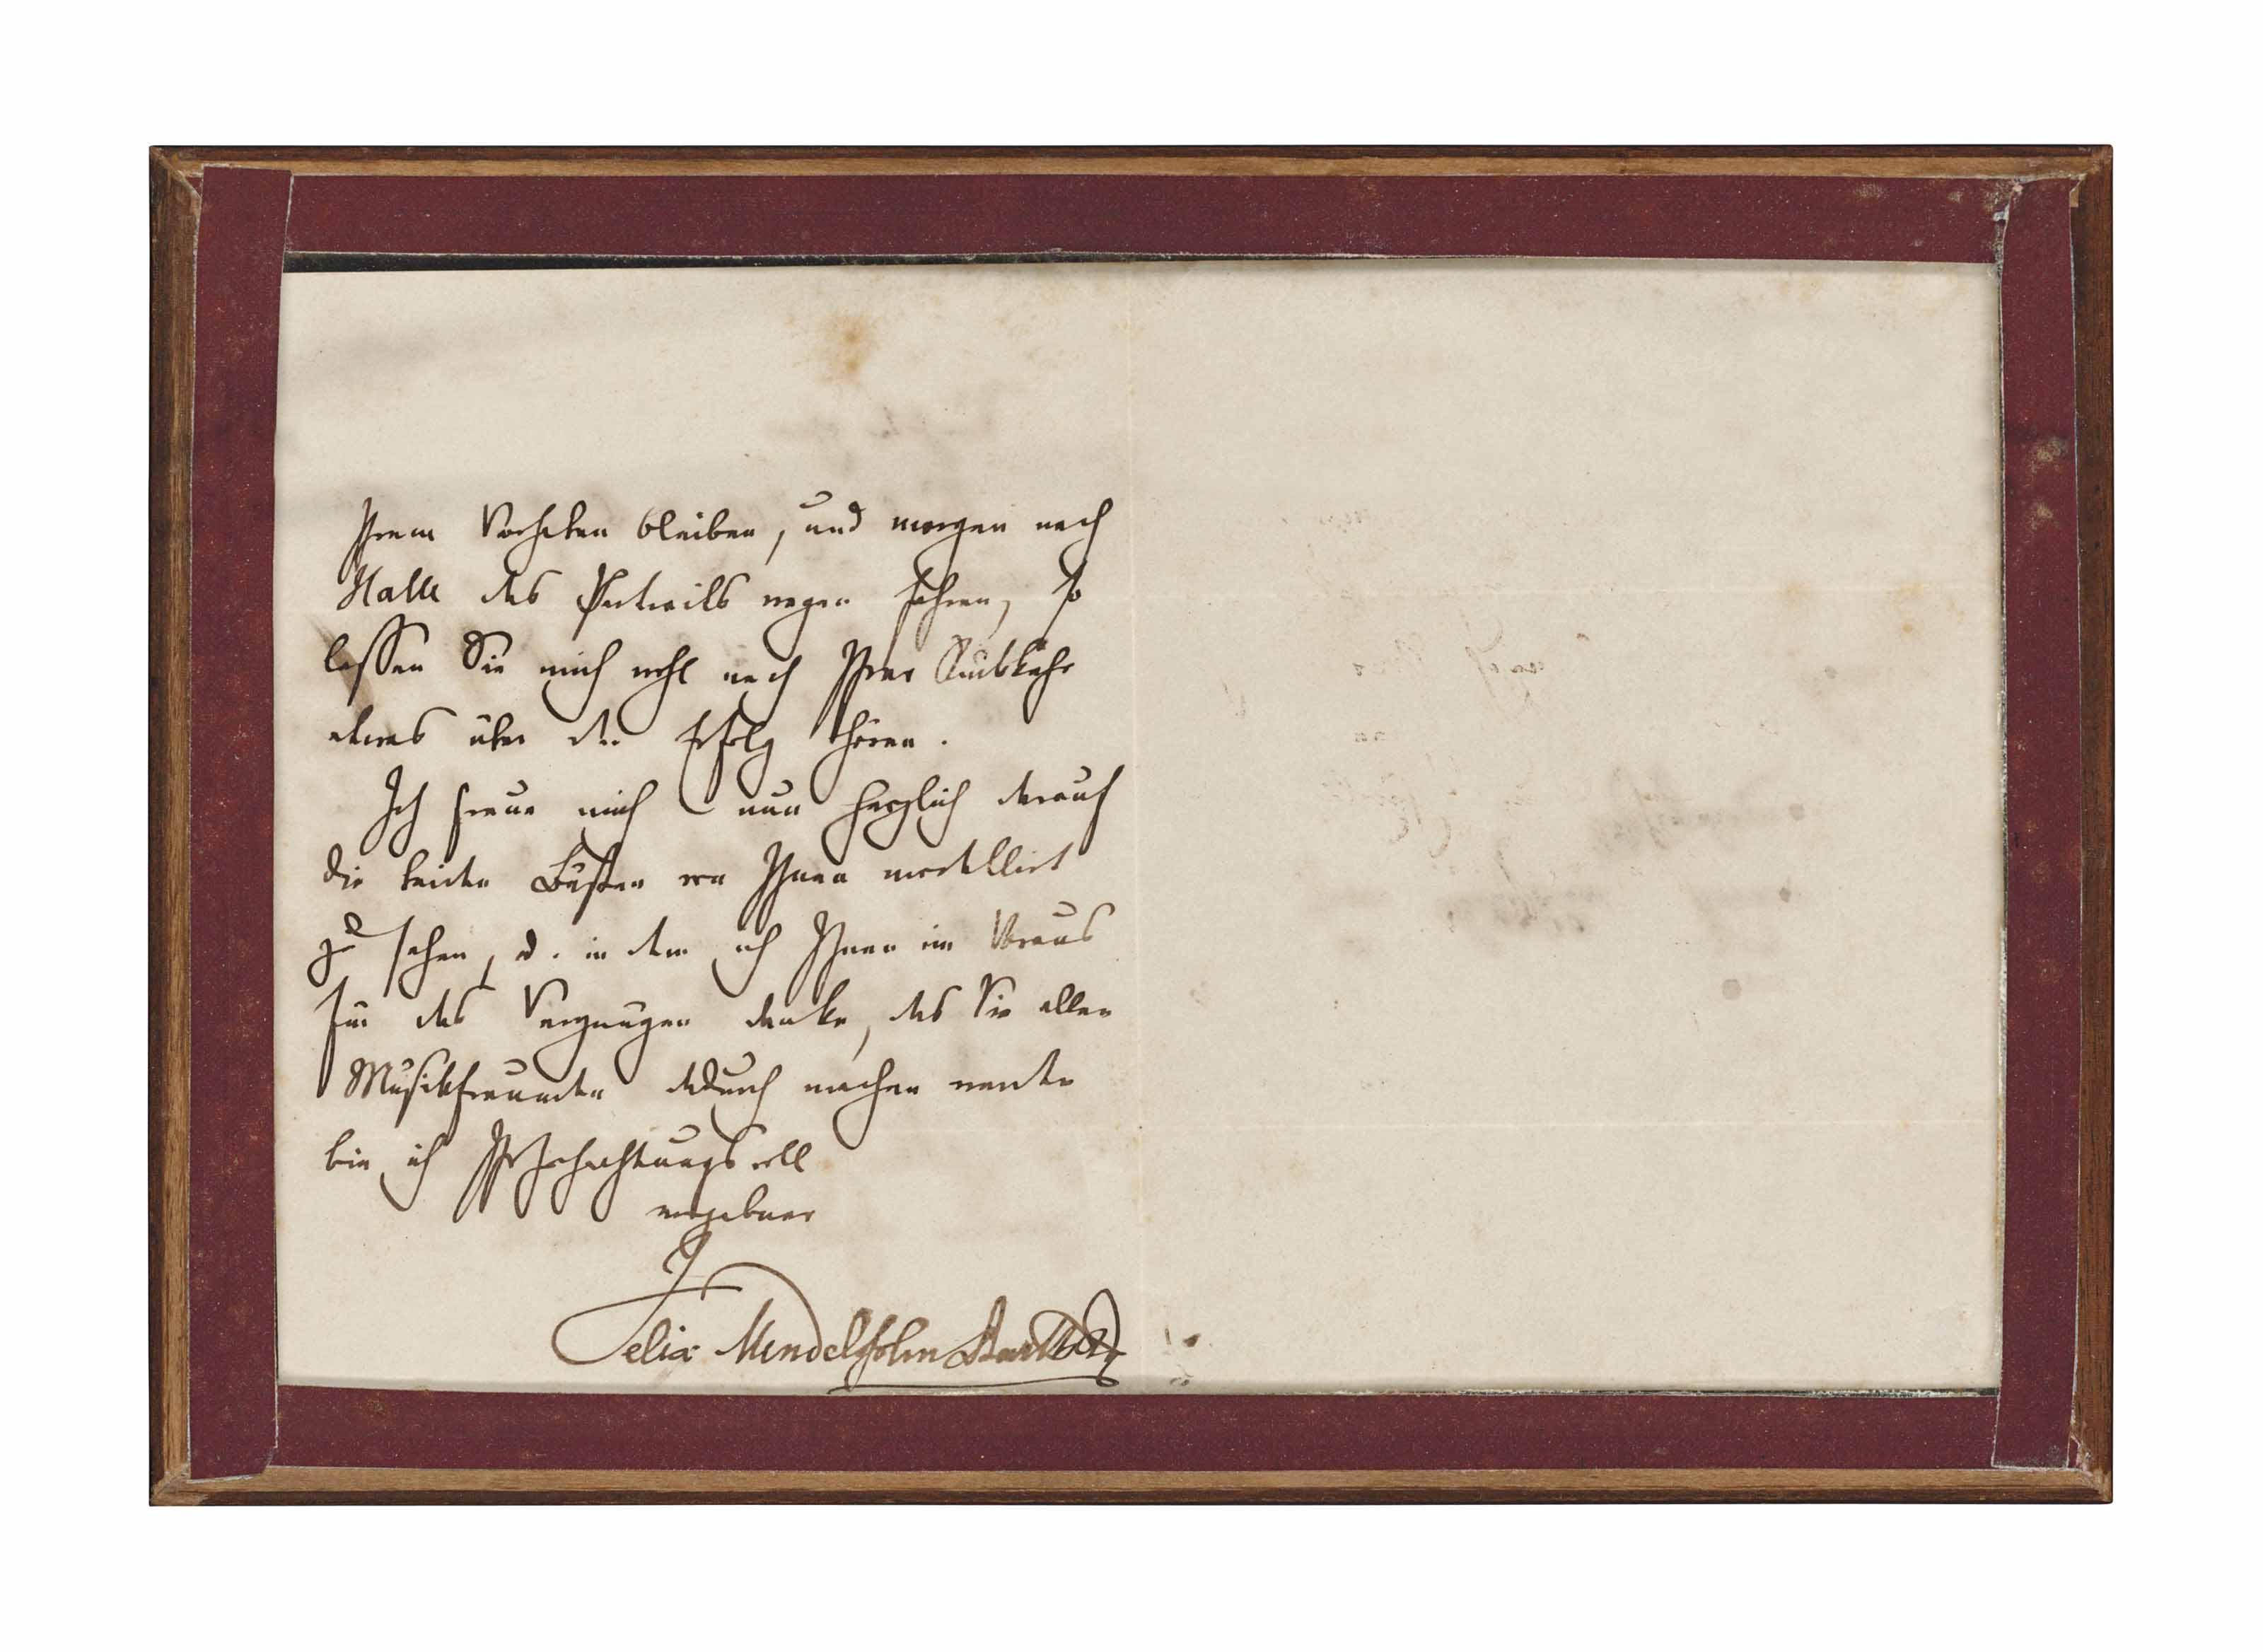 MENDELSSOHN-BARTHOLDY, Felix (1809-1847). Autograph letter signed ('Felix Mendelssohn Bartholdy') to the sculptor Hermann Knaur, Leipzig, 29 November 1842.